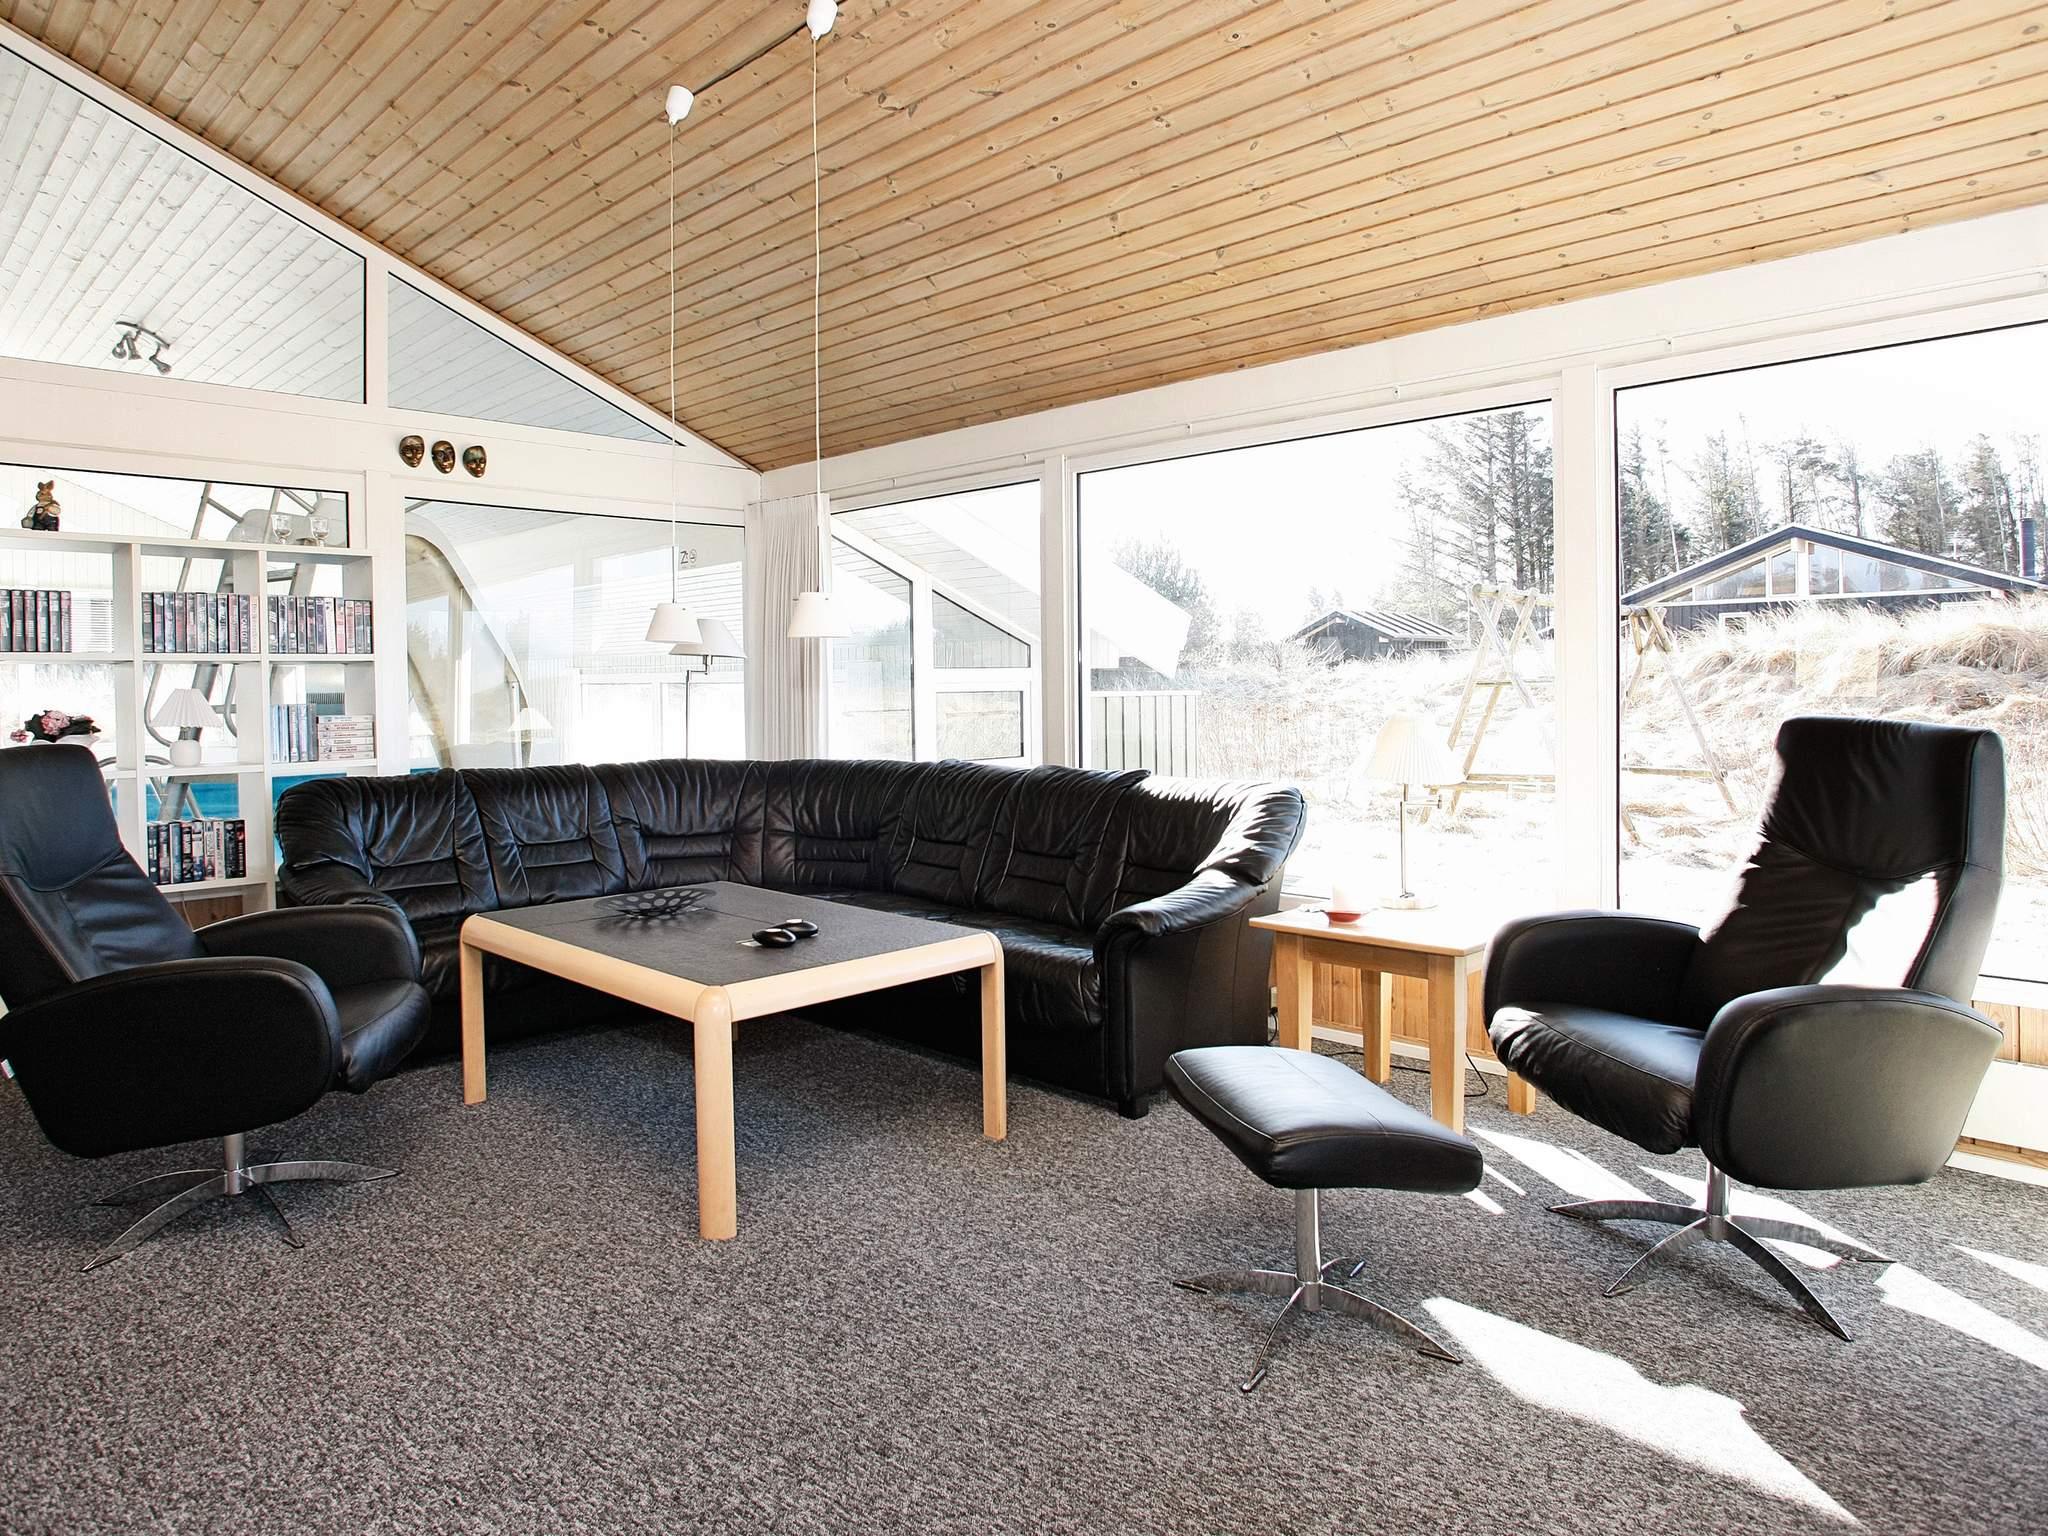 Ferienhaus Blokhus (83373), Blokhus, , Nordwestjütland, Dänemark, Bild 2